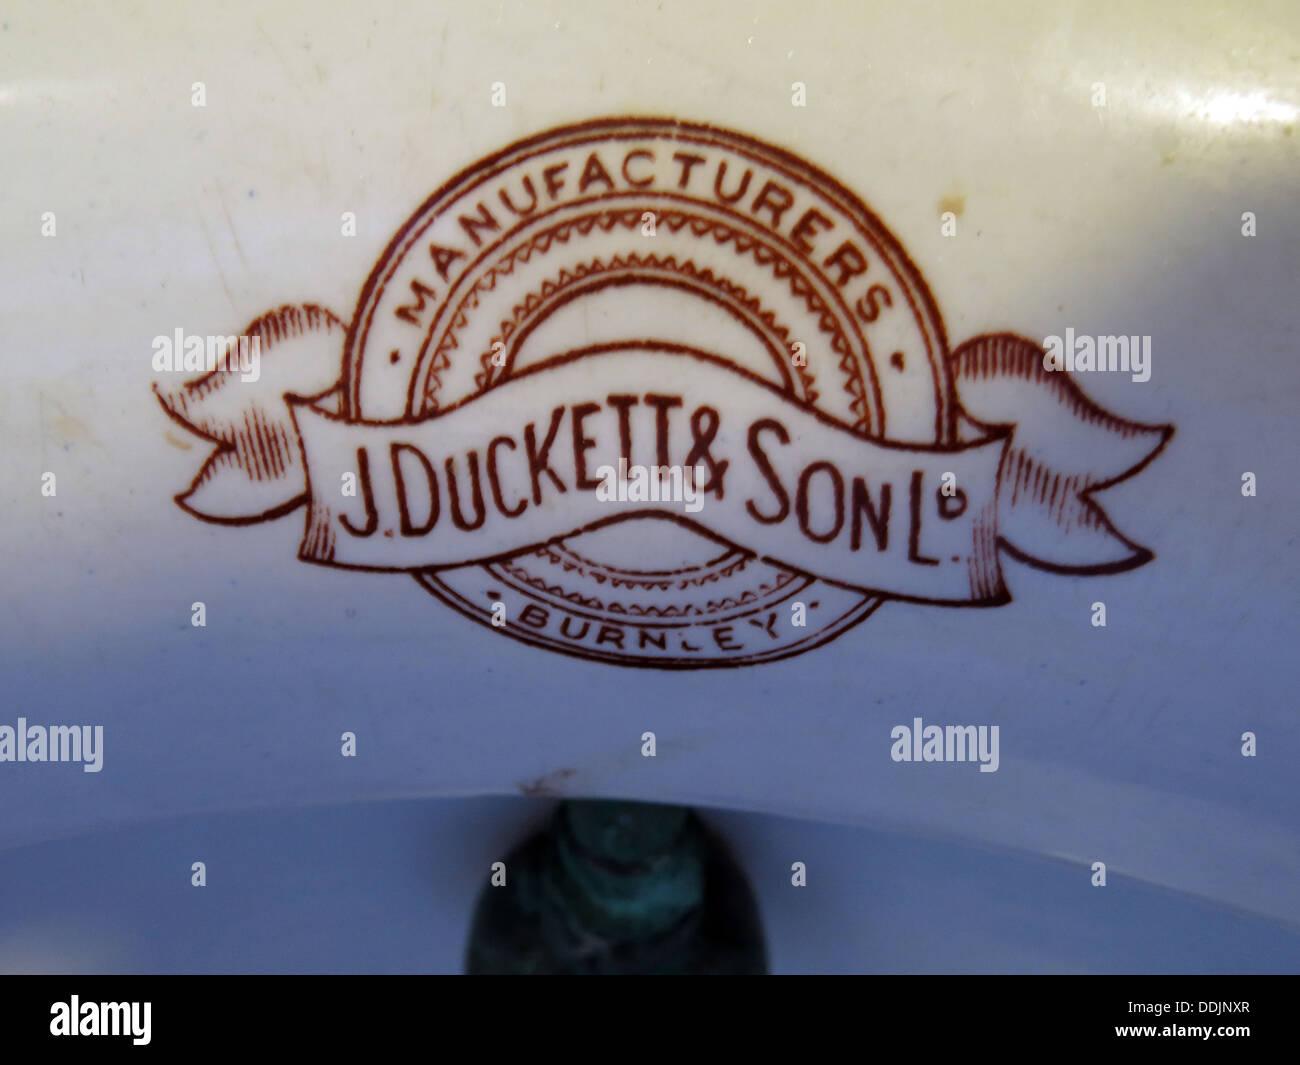 Laden Sie dieses Alamy Stockfoto J Duckett & Sohn Ltd Urinal, Hersteller, Burnley, North West England, Großbritannien - DDJNXR